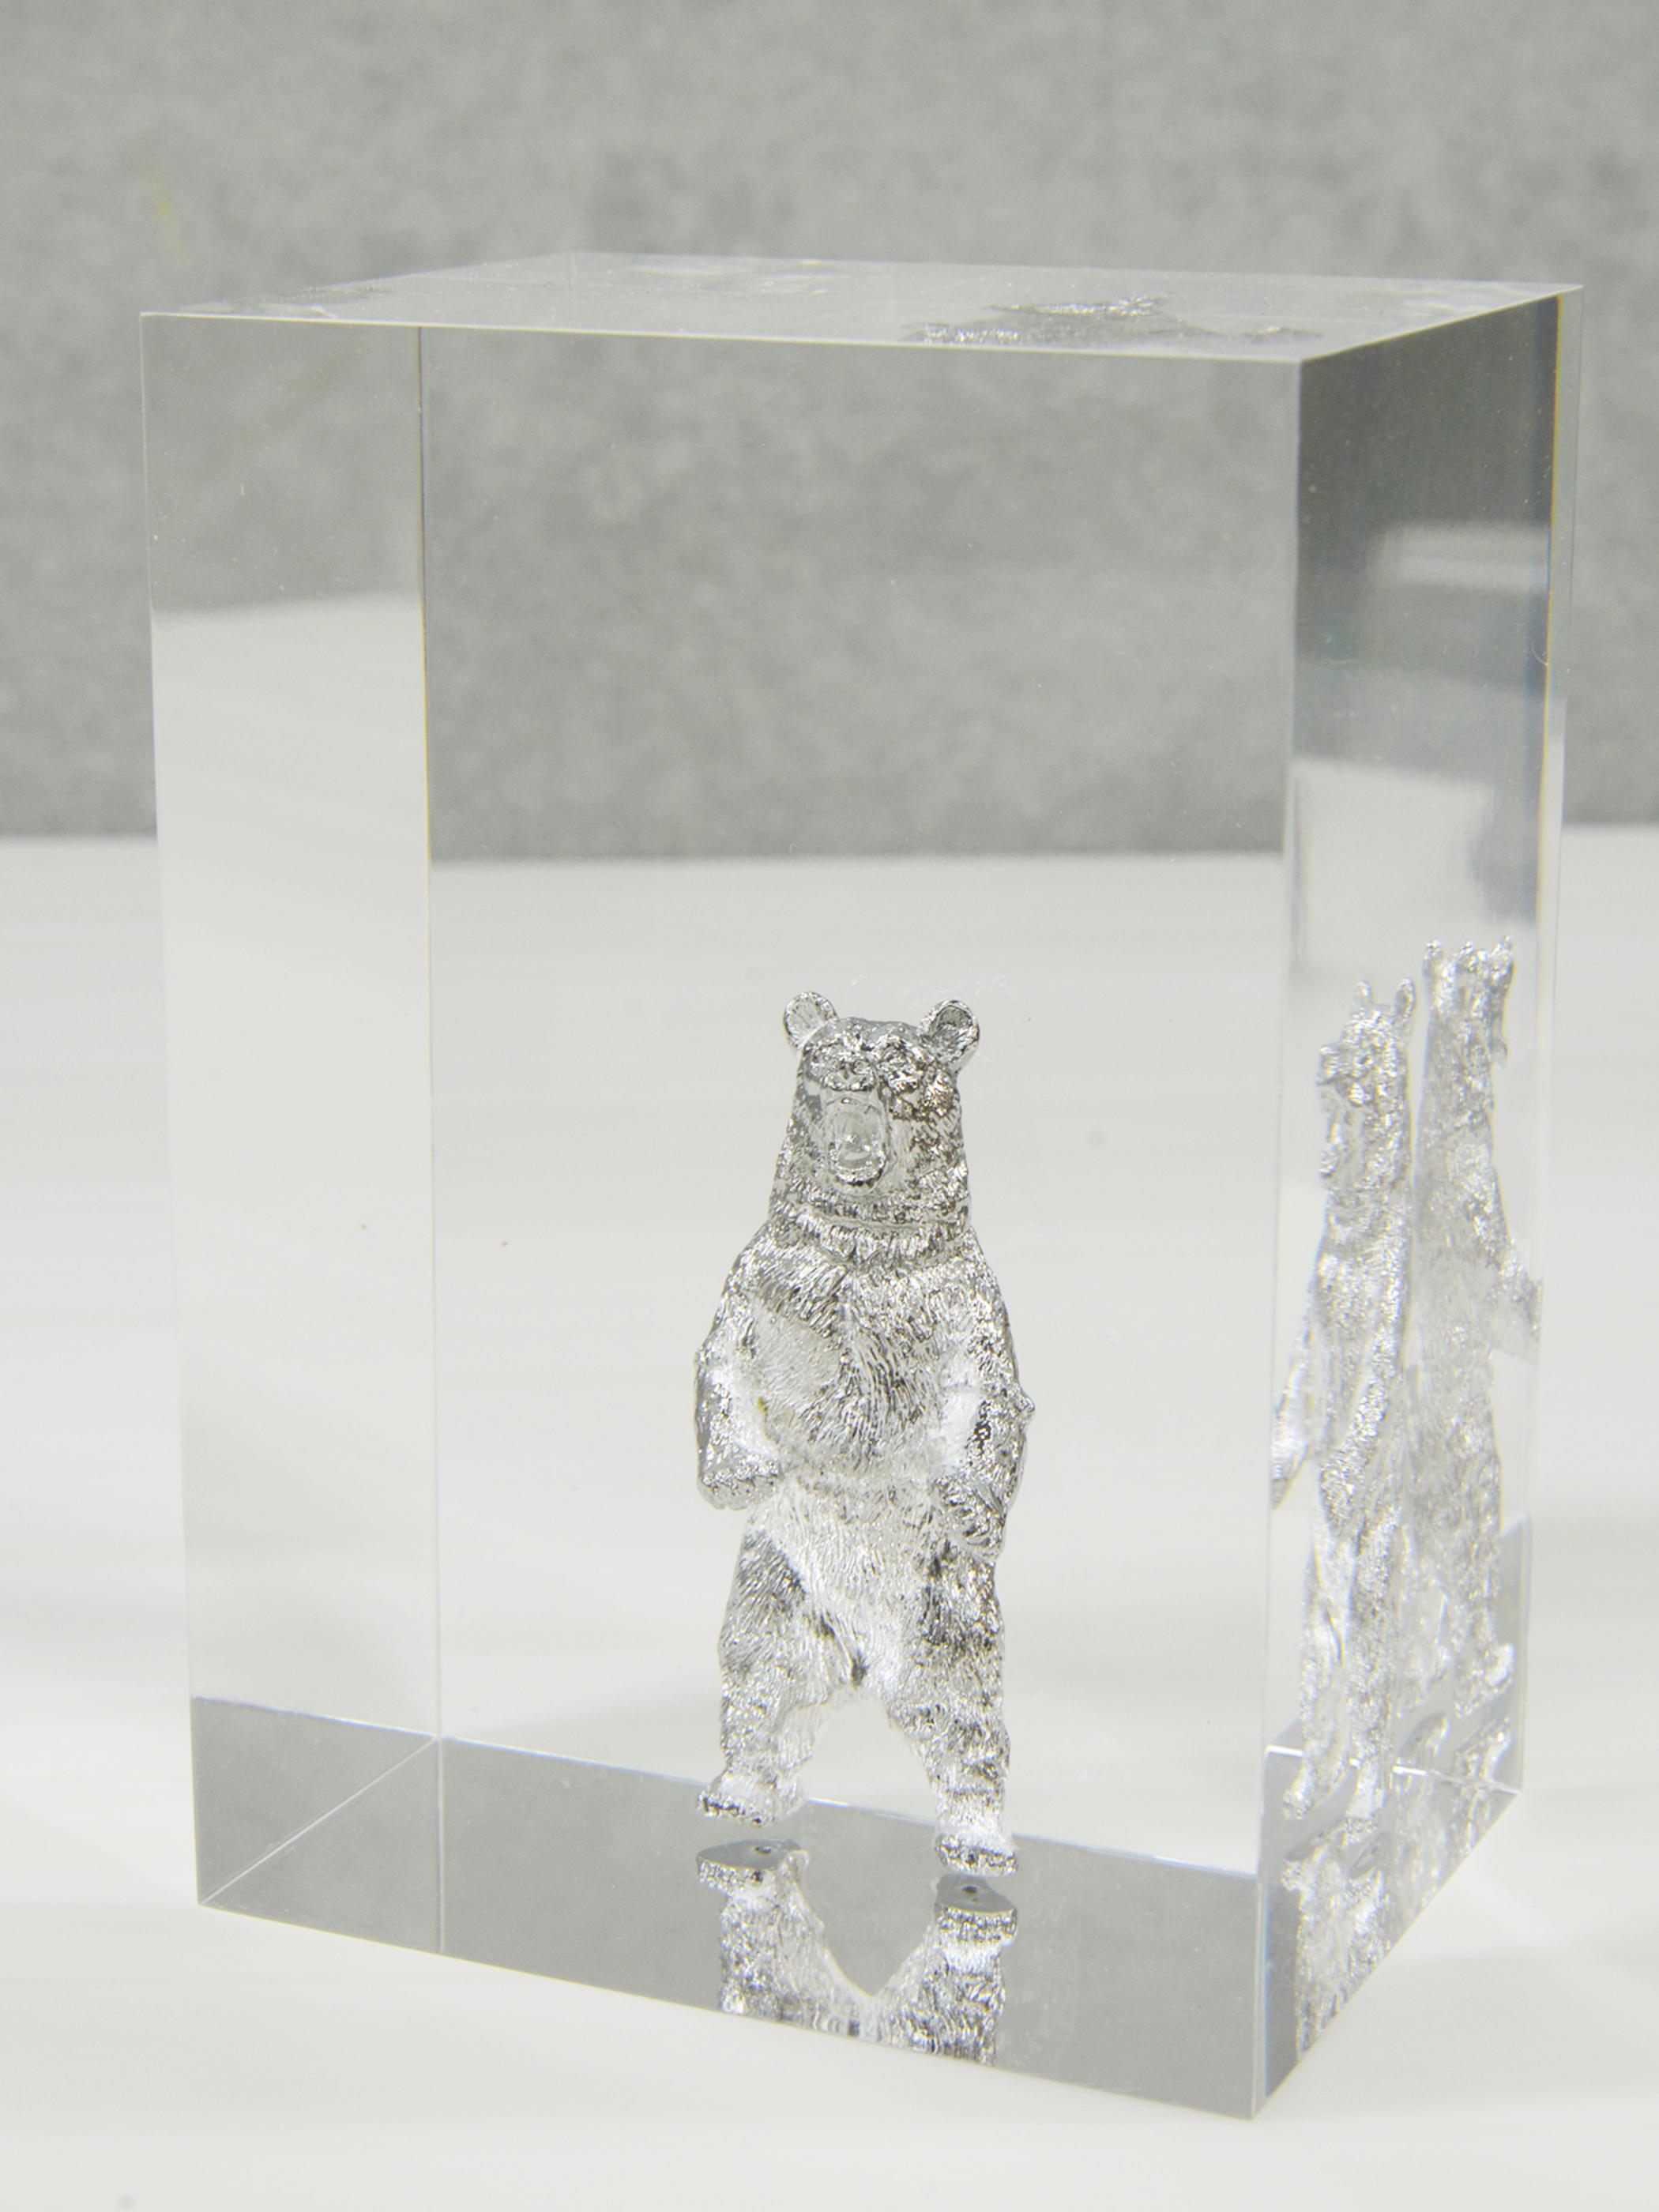 2018 exhibition ''moraltone'' acryl-bookend 【silver bear】